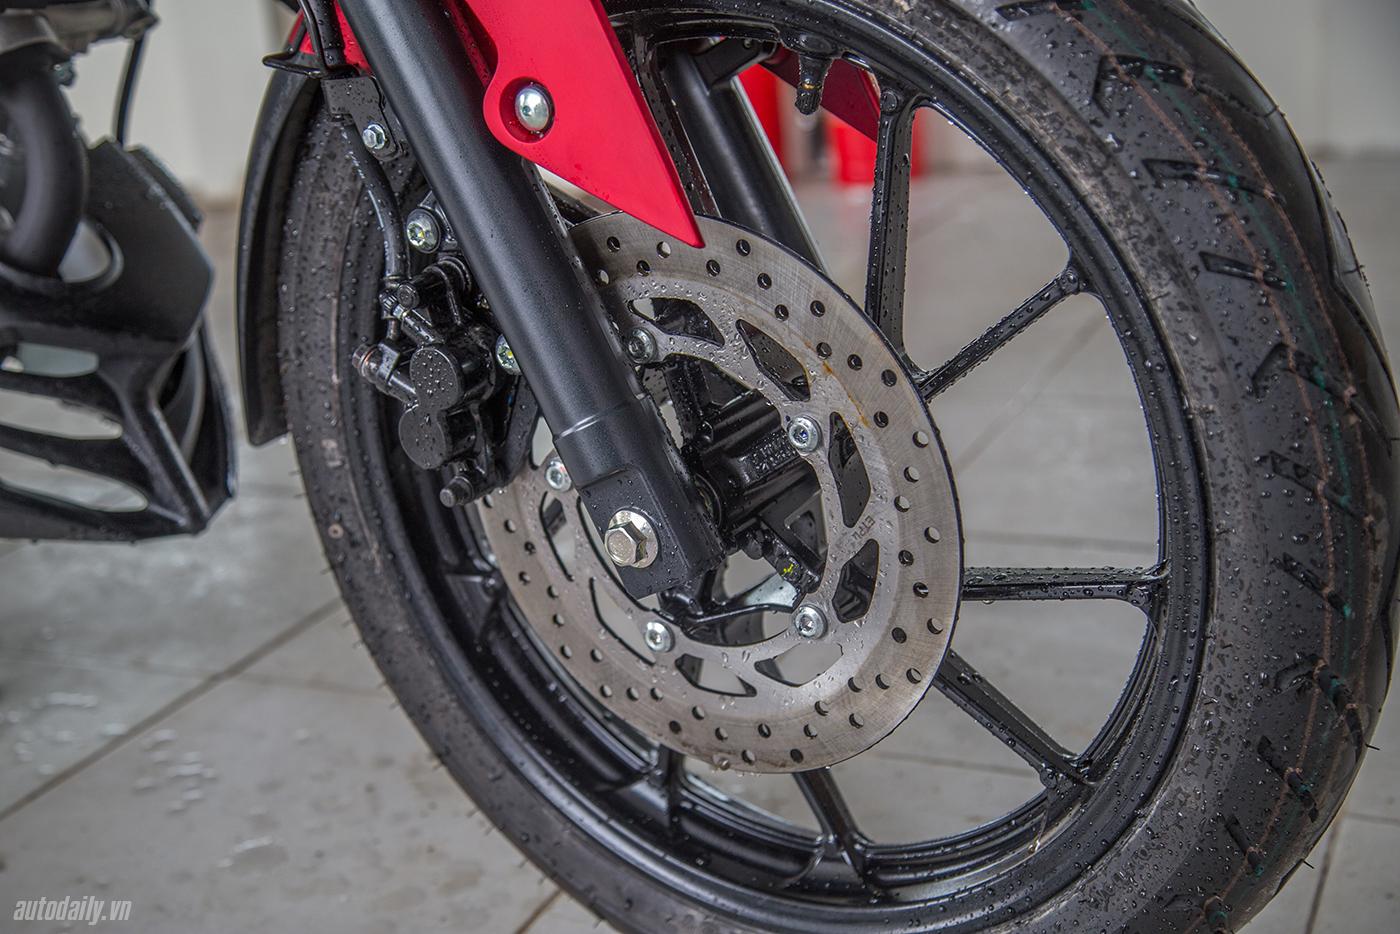 Dưới 85 triệu, chọn Yamaha FZ-150i hay Honda CB150R